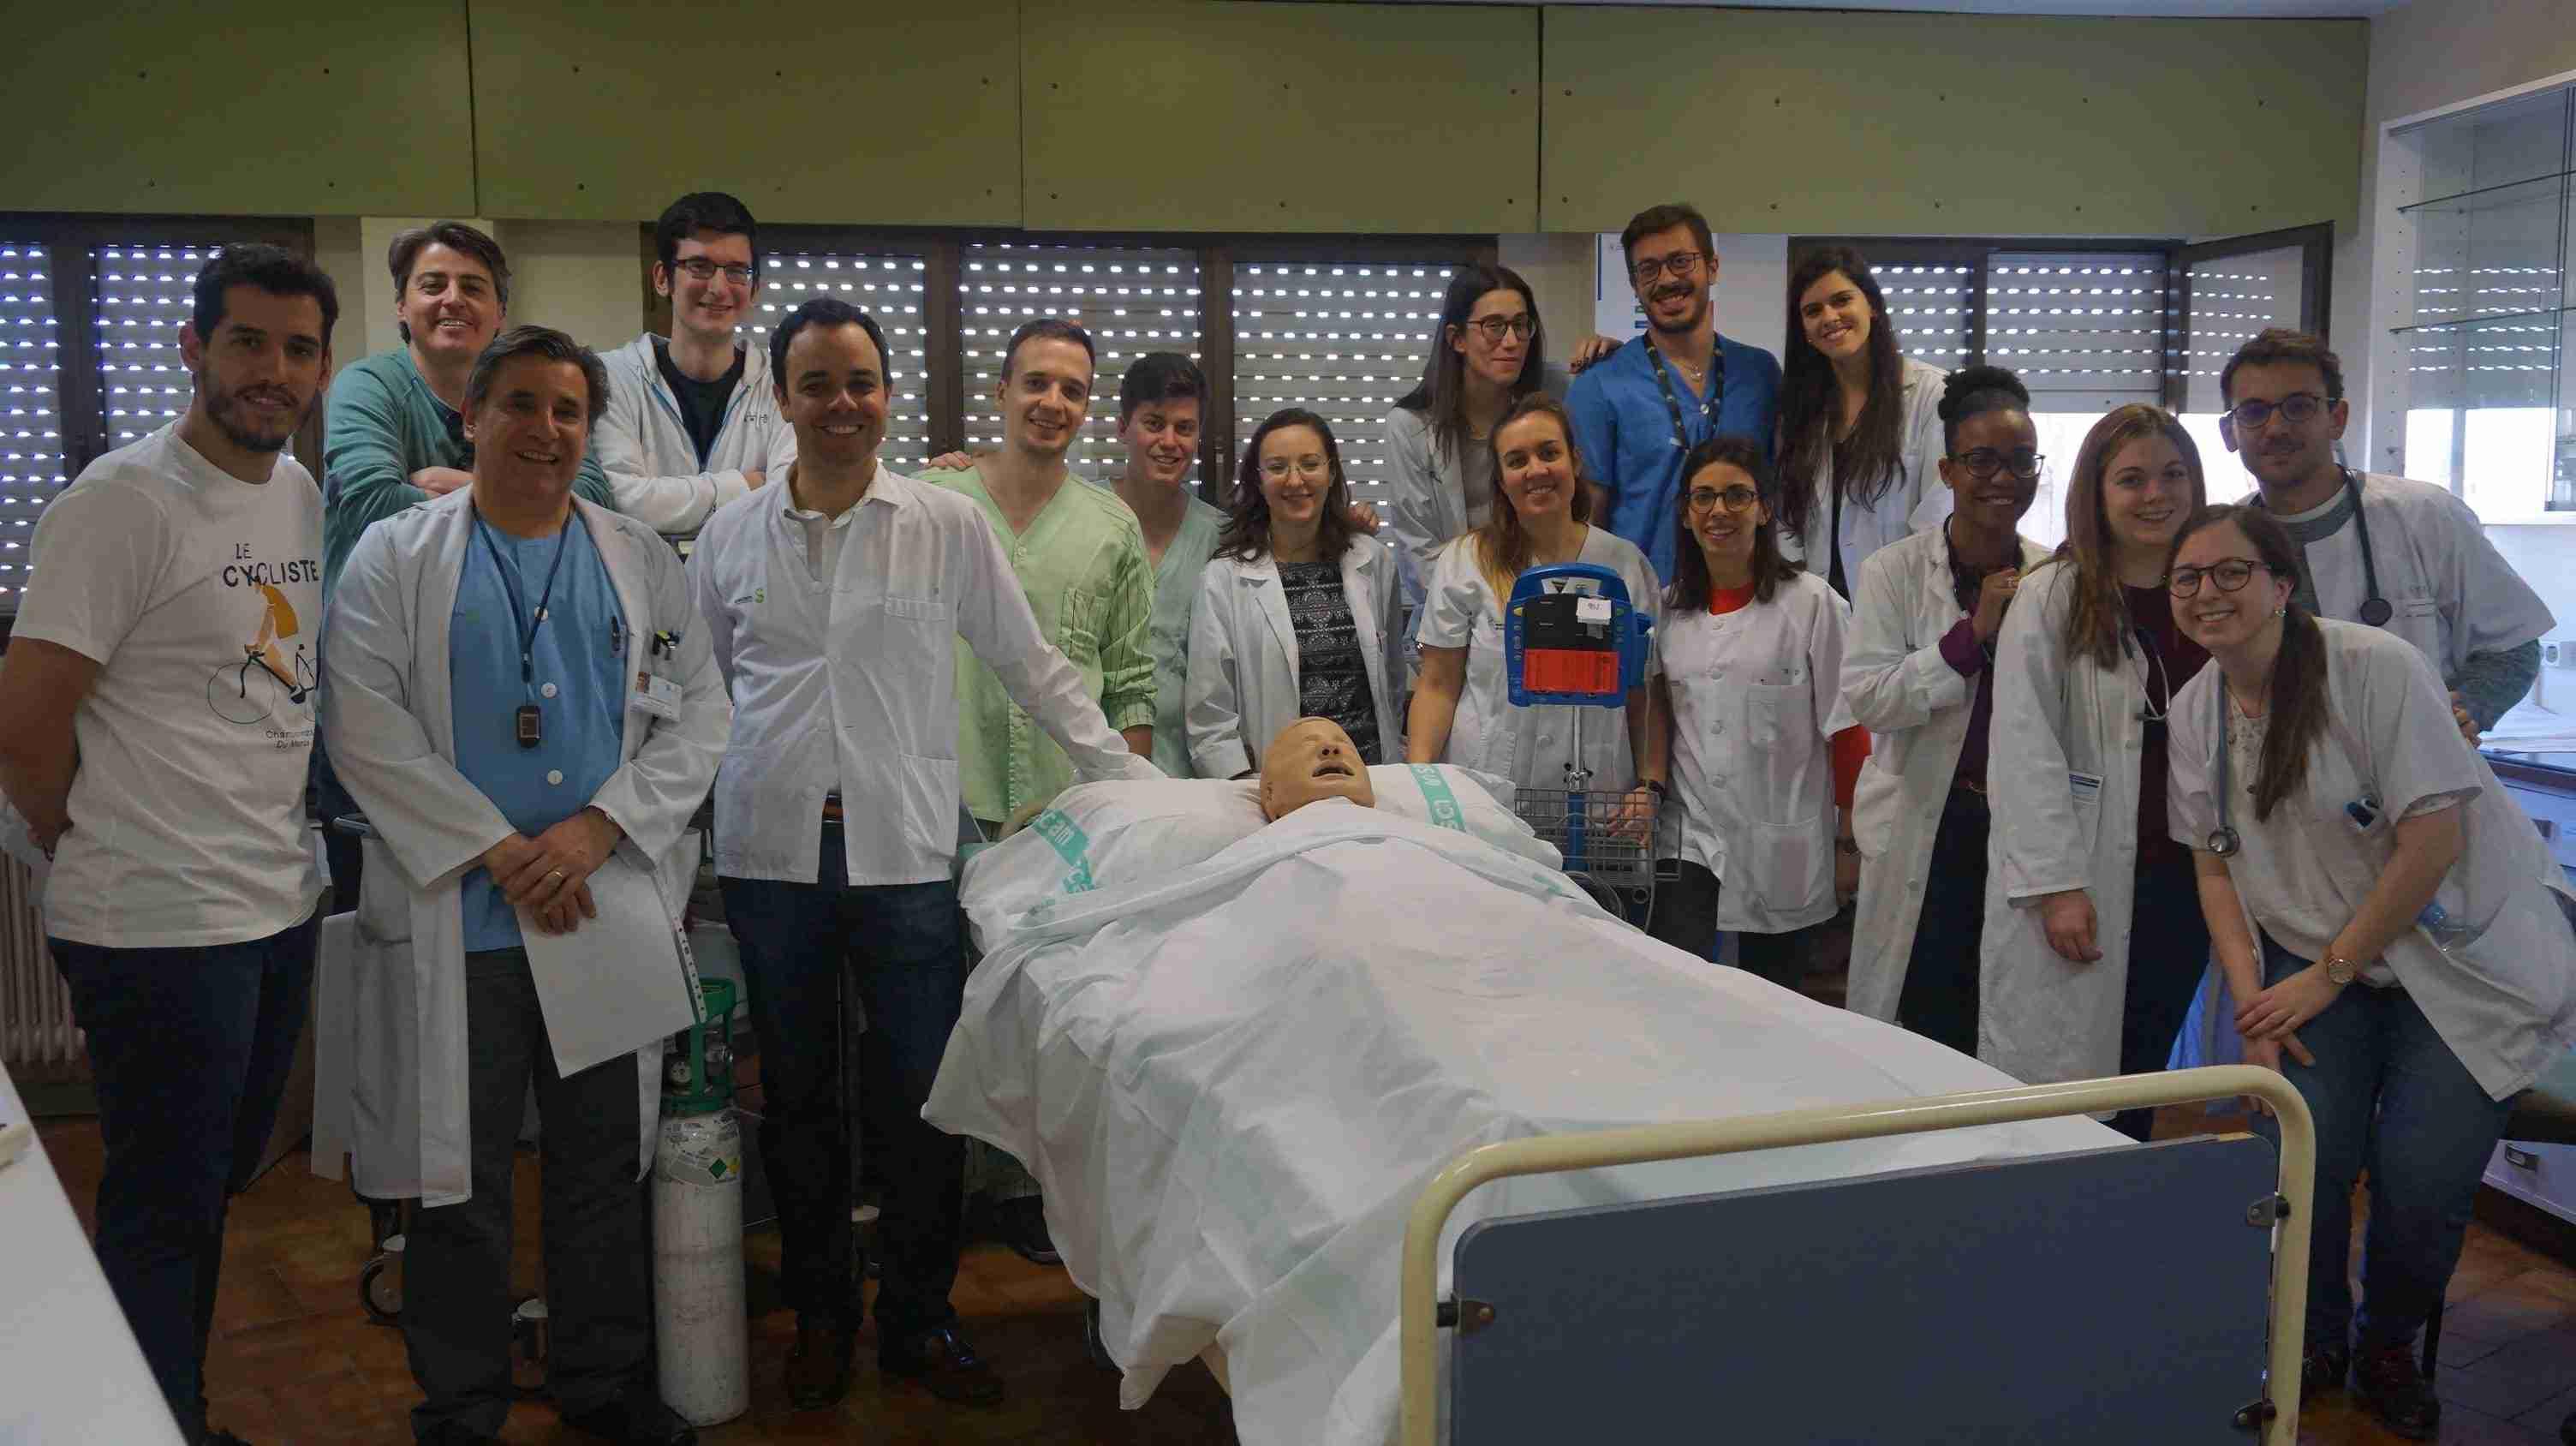 Comienzan las clases en el Aula de Simulación del Hospital de Toledo para la formación clínica de médicos residentes y estudiantes 3